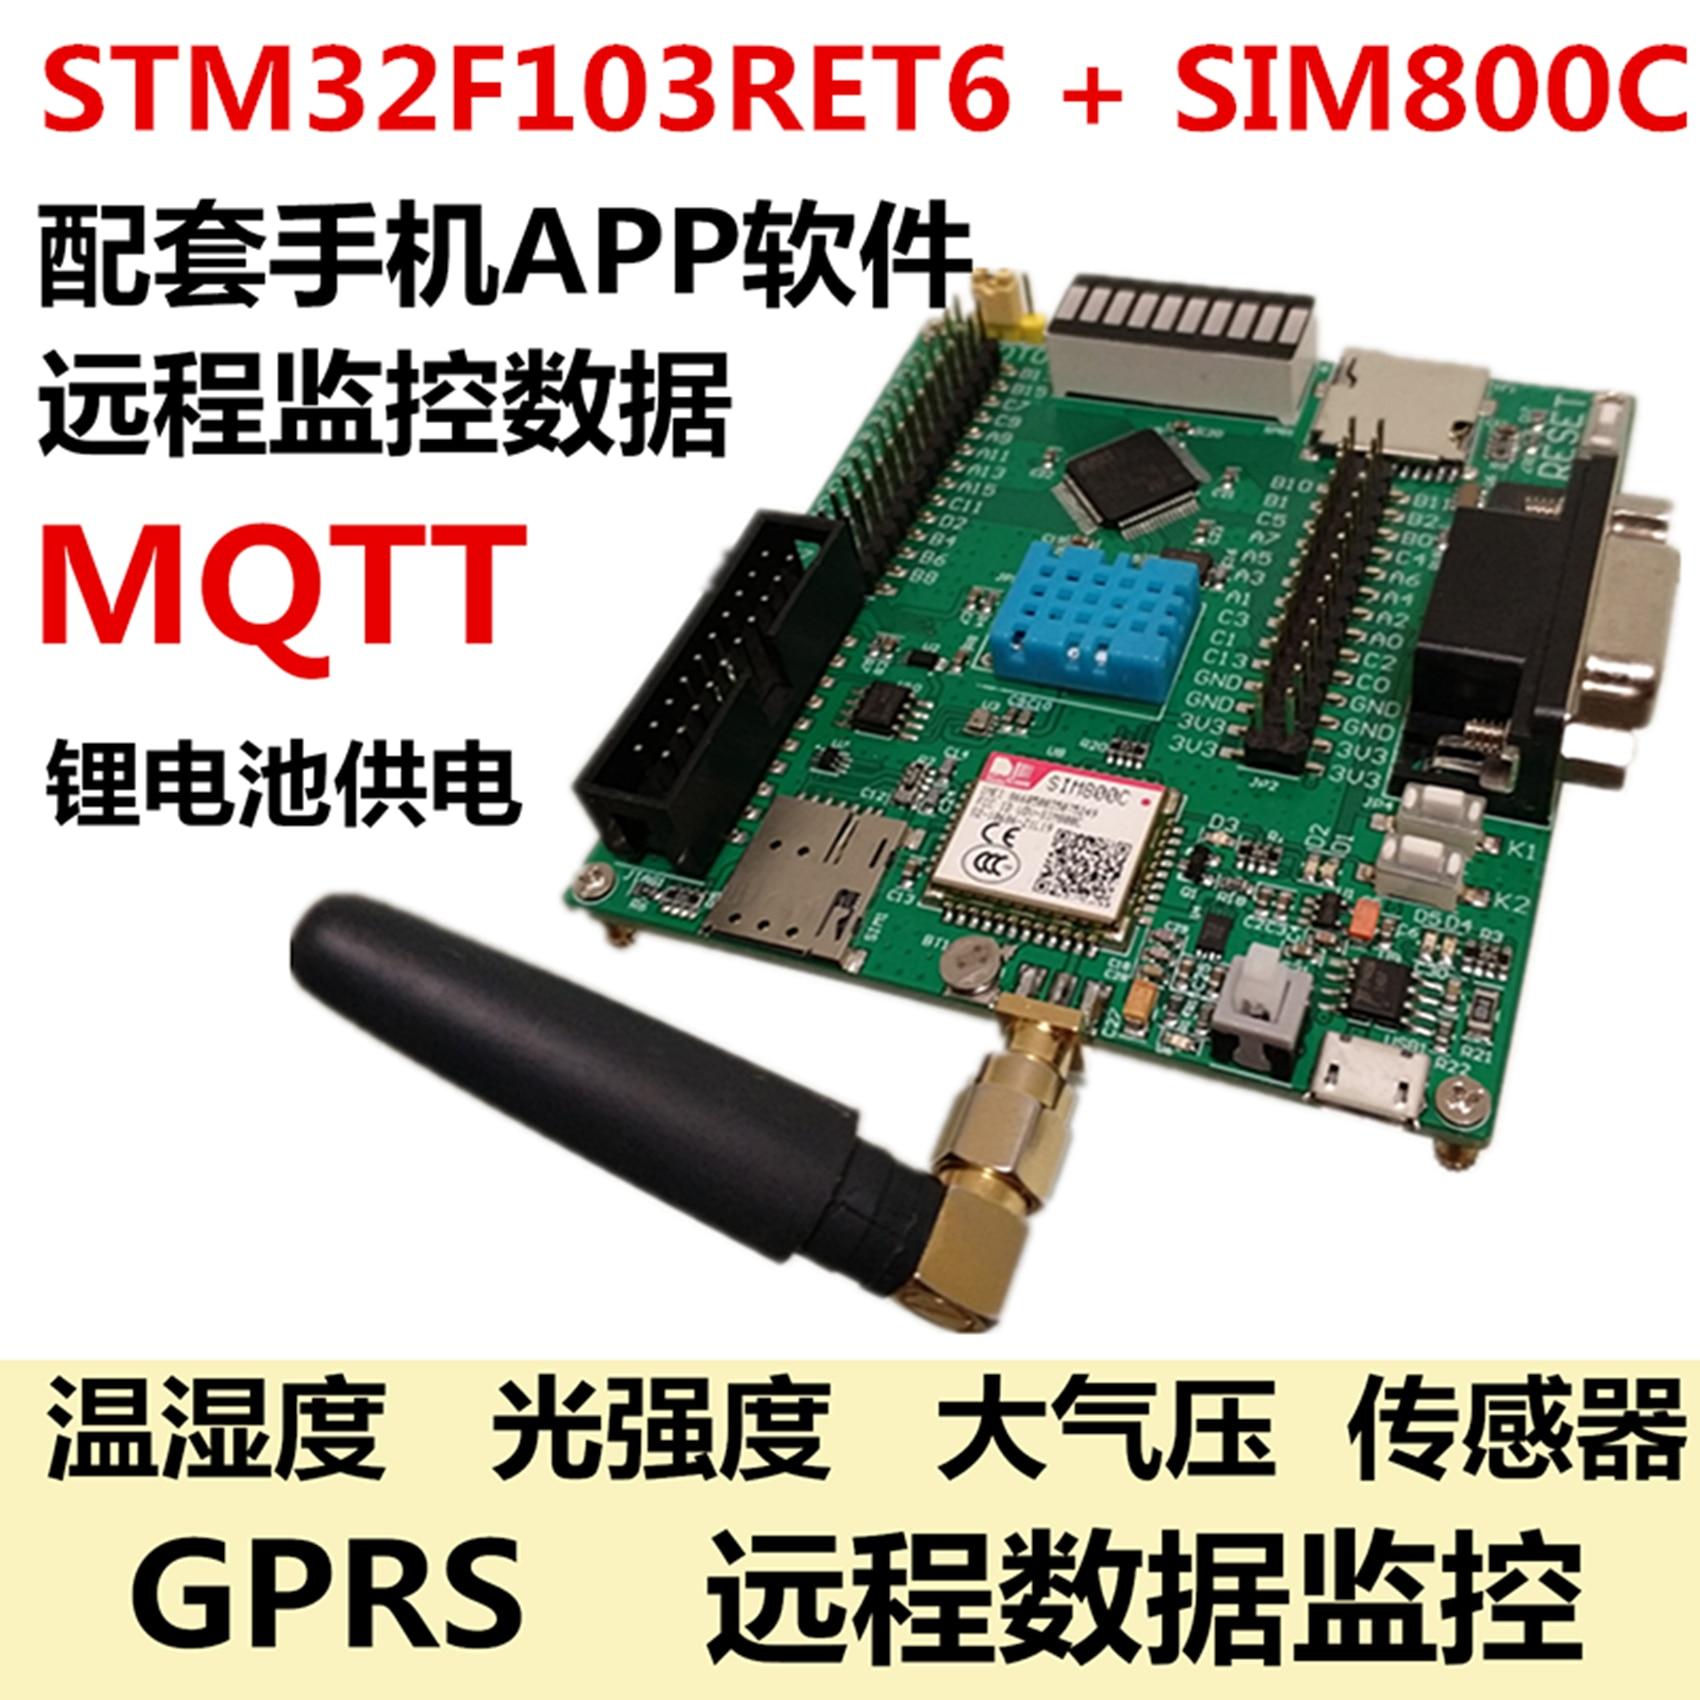 Stm32 Mqtt